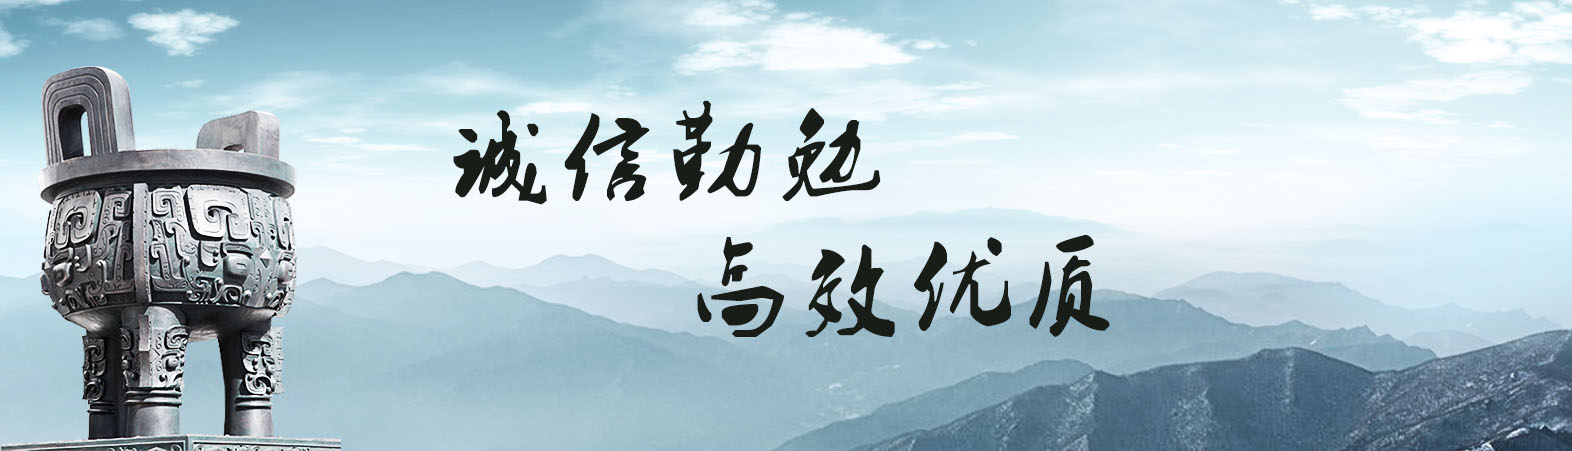 律师事务所图片网站宣传